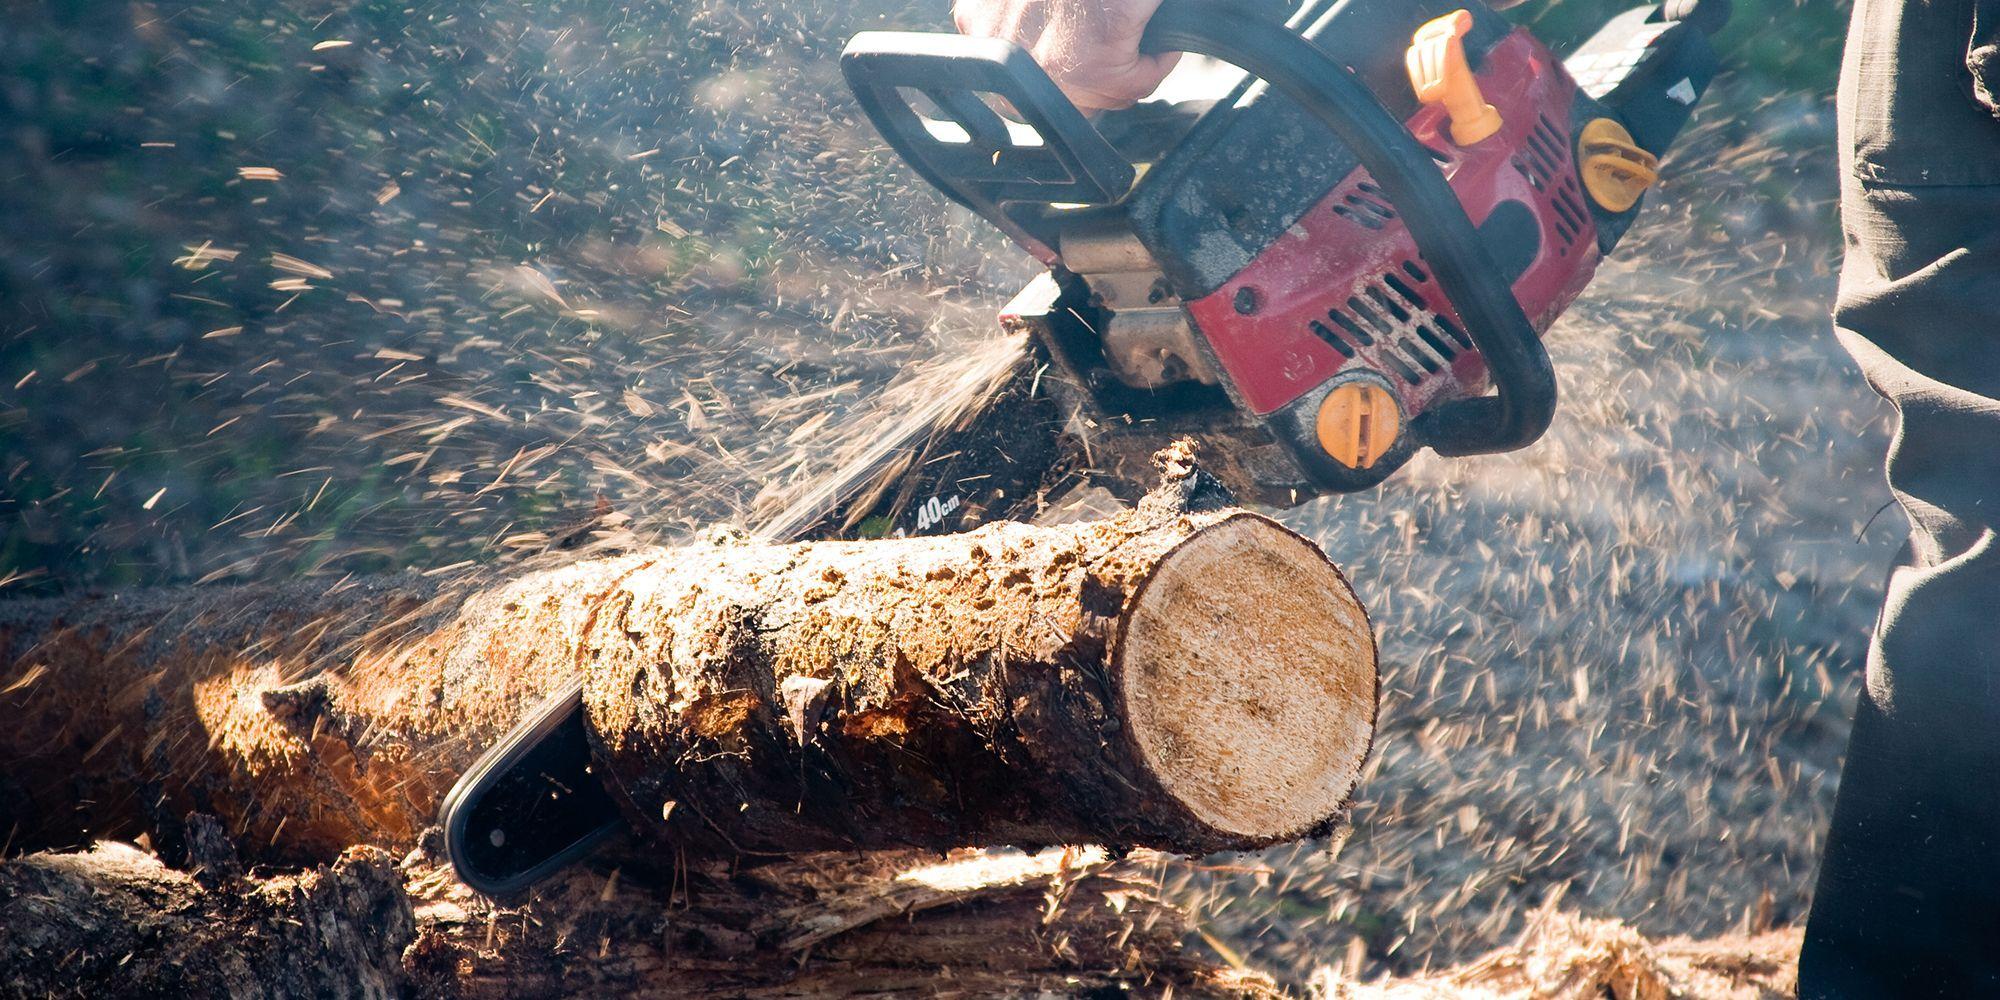 MAE confirmă: români morți în condiții suspecte în exploatări forestiere din Austria. Se vorbește de nouă cazuri